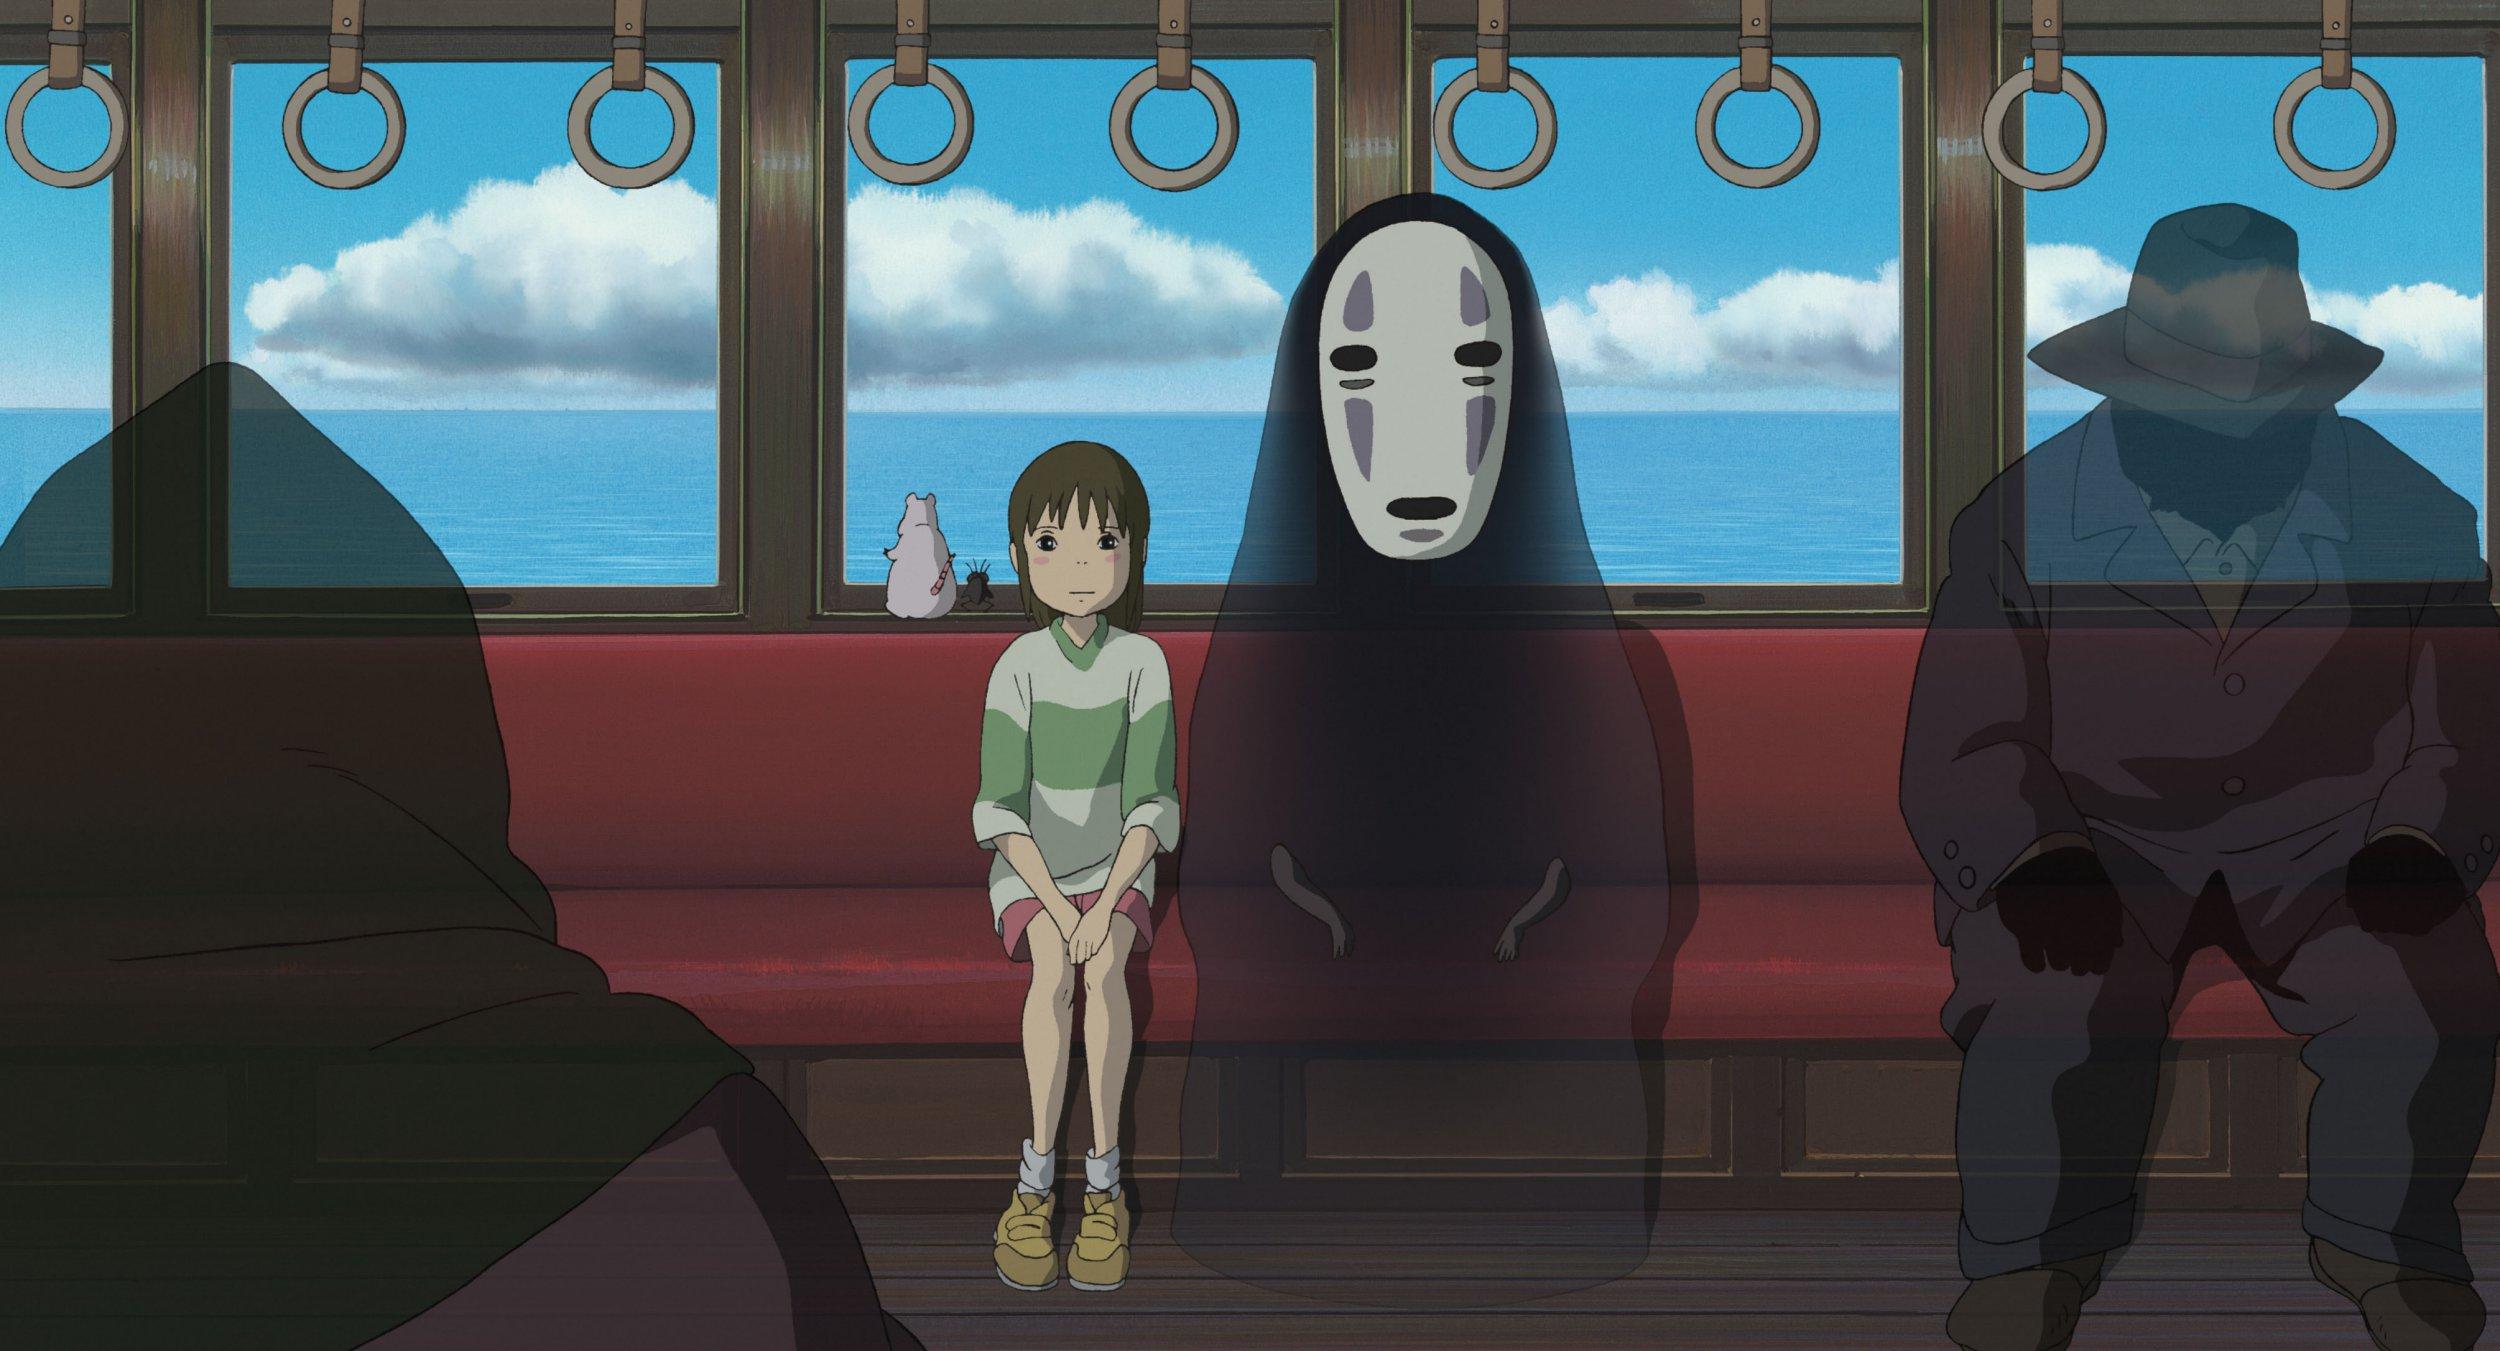 Still from Japanese anime Spirited Away